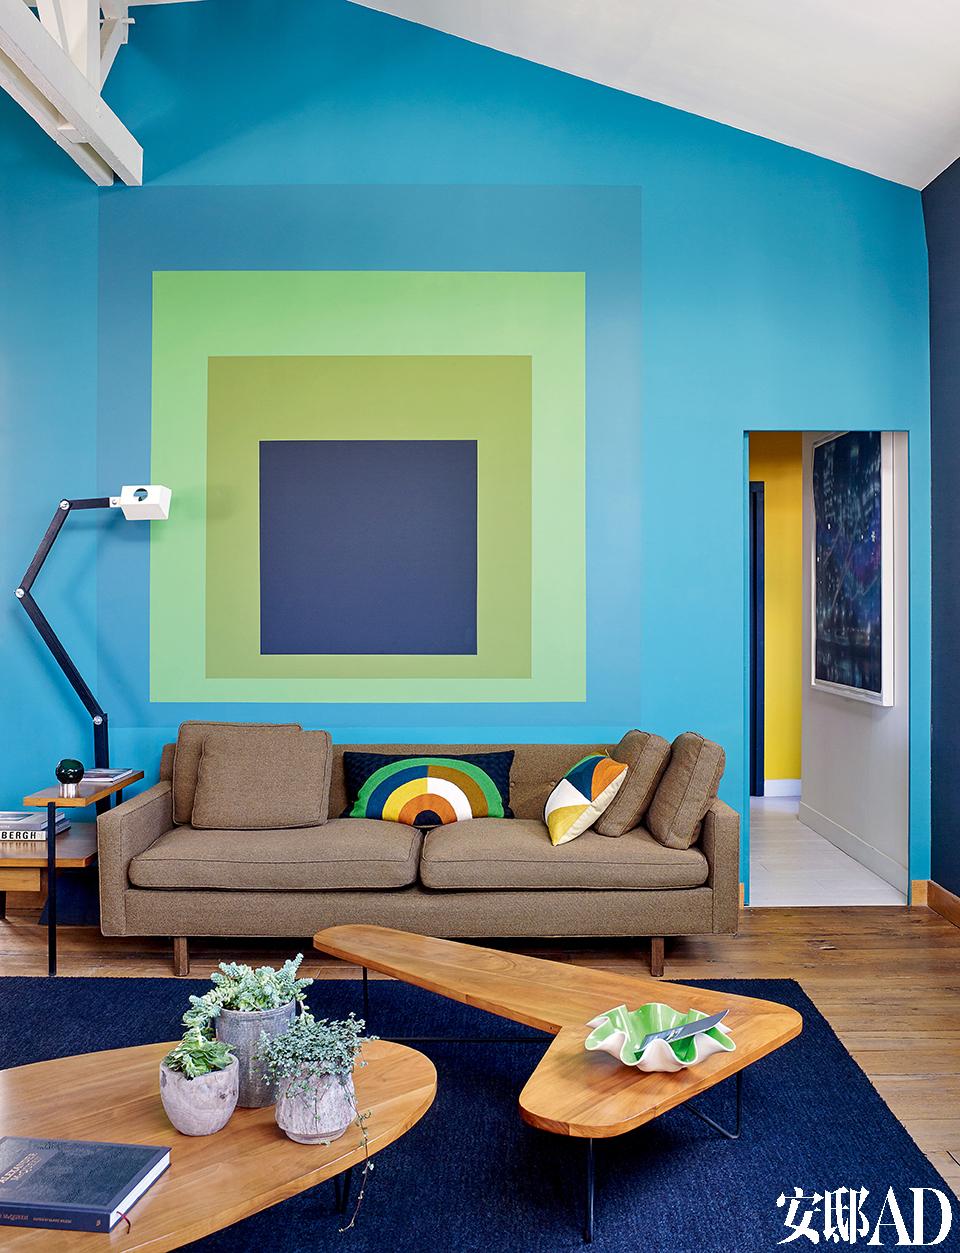 """沙发上方""""的 抽象画 ,""""其实是彩色涂料换了种特别的涂法,设计师说:"""" 家里的艺术品不应是永久陈列的,一旦你厌倦了, 不妨来点儿变化!""""客厅里的沙发是美国家具设计师Edward Wormley于20世纪60年代创作的经典作品,面料仍是当时的原作。沙发上摆放着Lindell & Co出品的靠垫。一侧的关节造型灯具Architect是Florence Lopez的新作,灵感来自一盏20世纪50年代的工作灯。"""